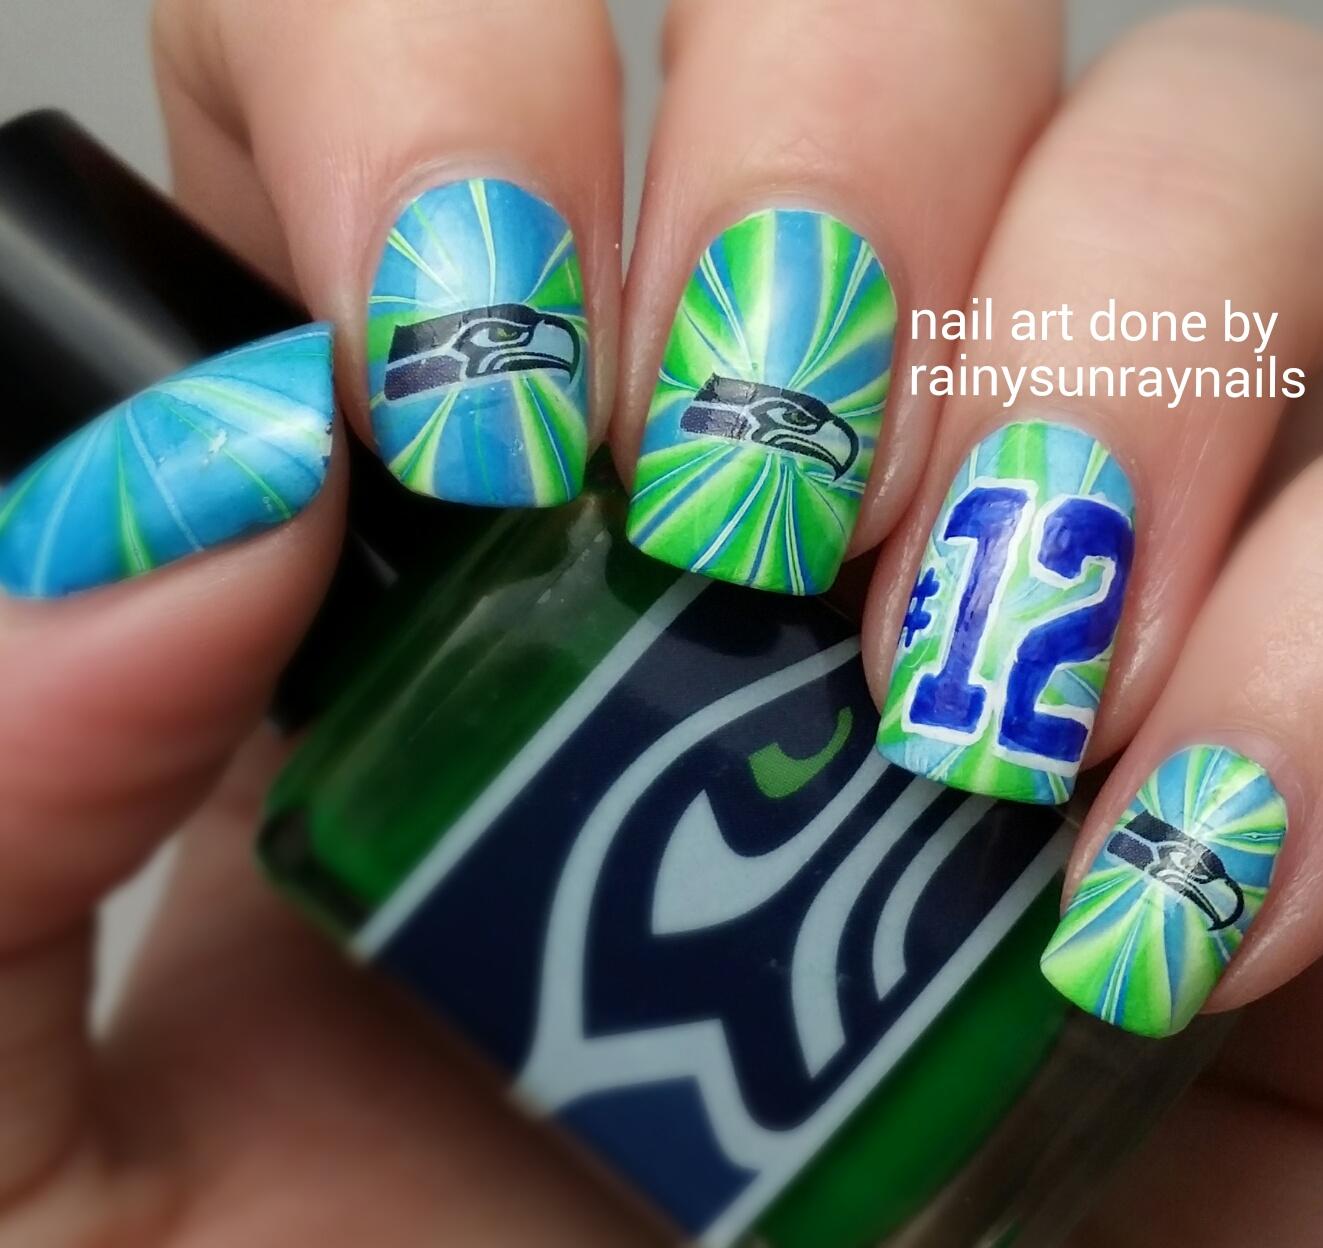 rainysunraynails: Seahawks Nails!!! Go Hawks!!! 12